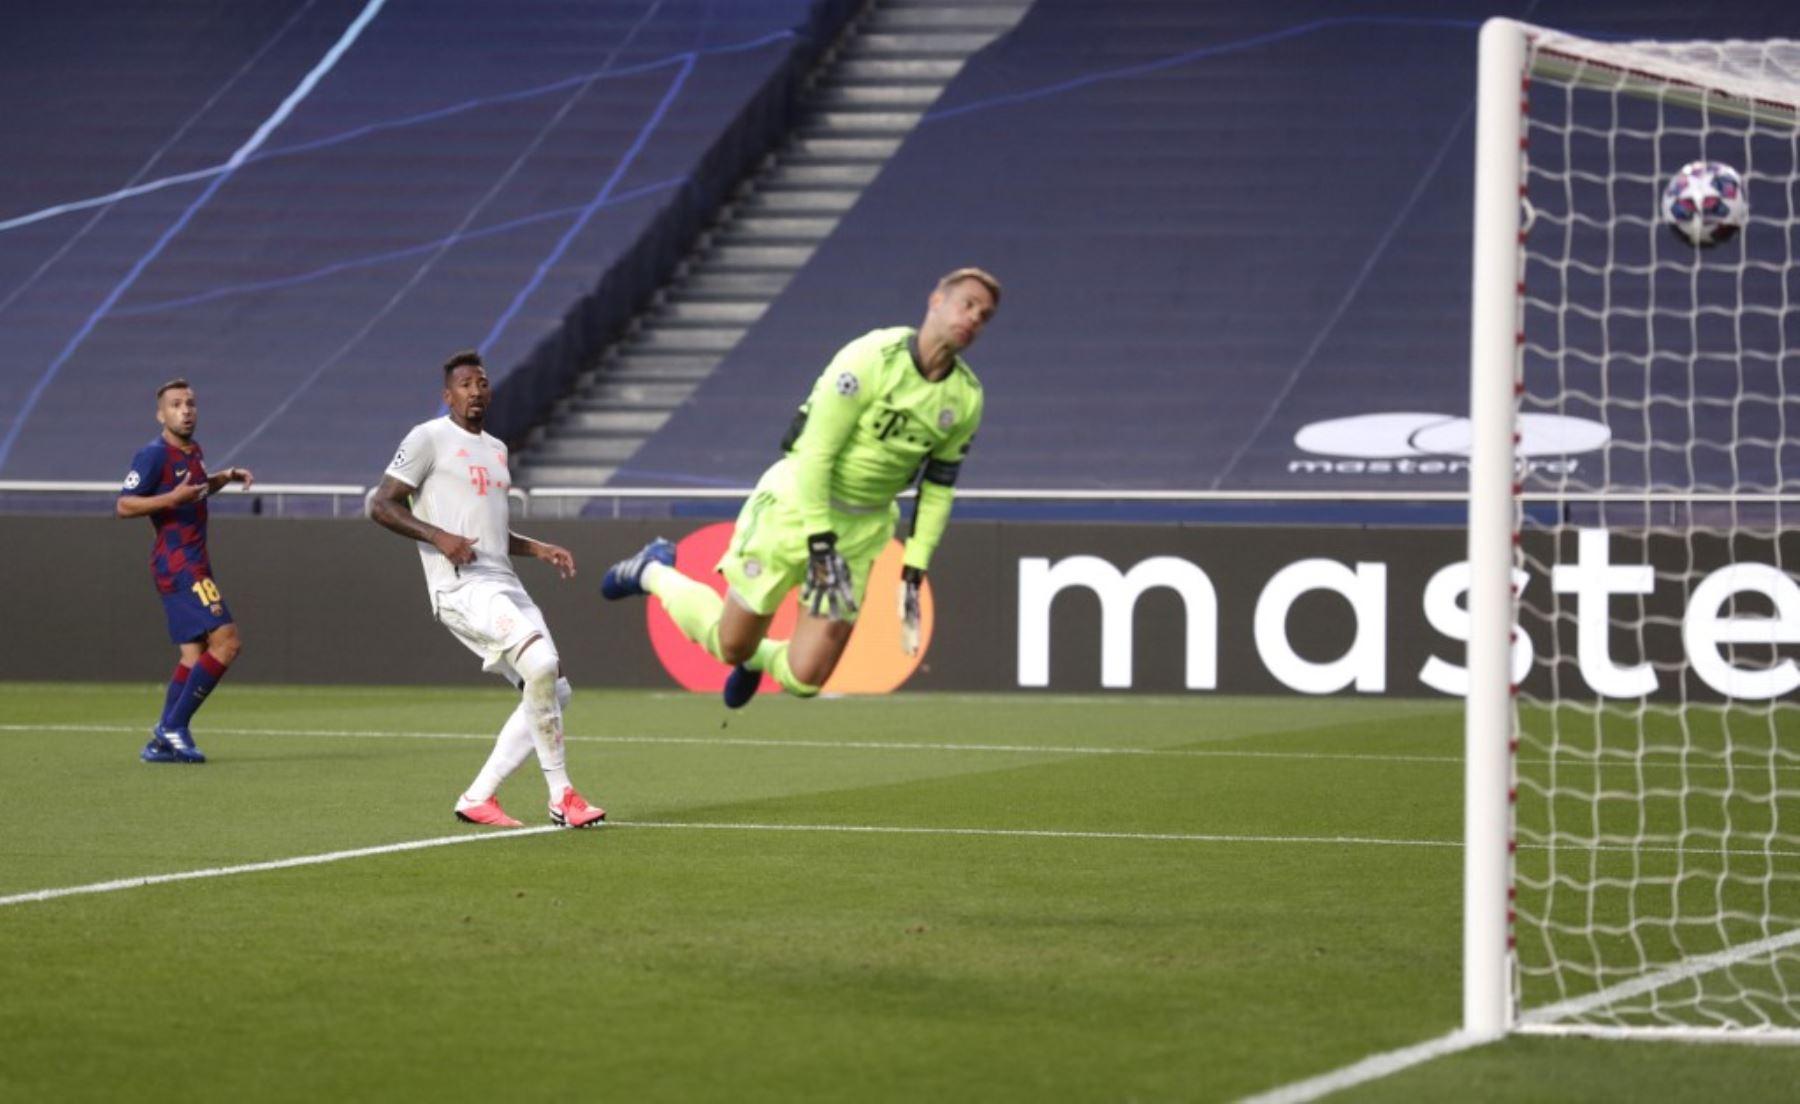 El portero alemán del Bayern Munich Manuel Neuer no detiene un gol durante el partido de fútbol de cuartos de final de la Liga de Campeones de la UEFA entre Barcelona y Bayern Munich en el estadio Luz de Lisboa.Foto:AFP